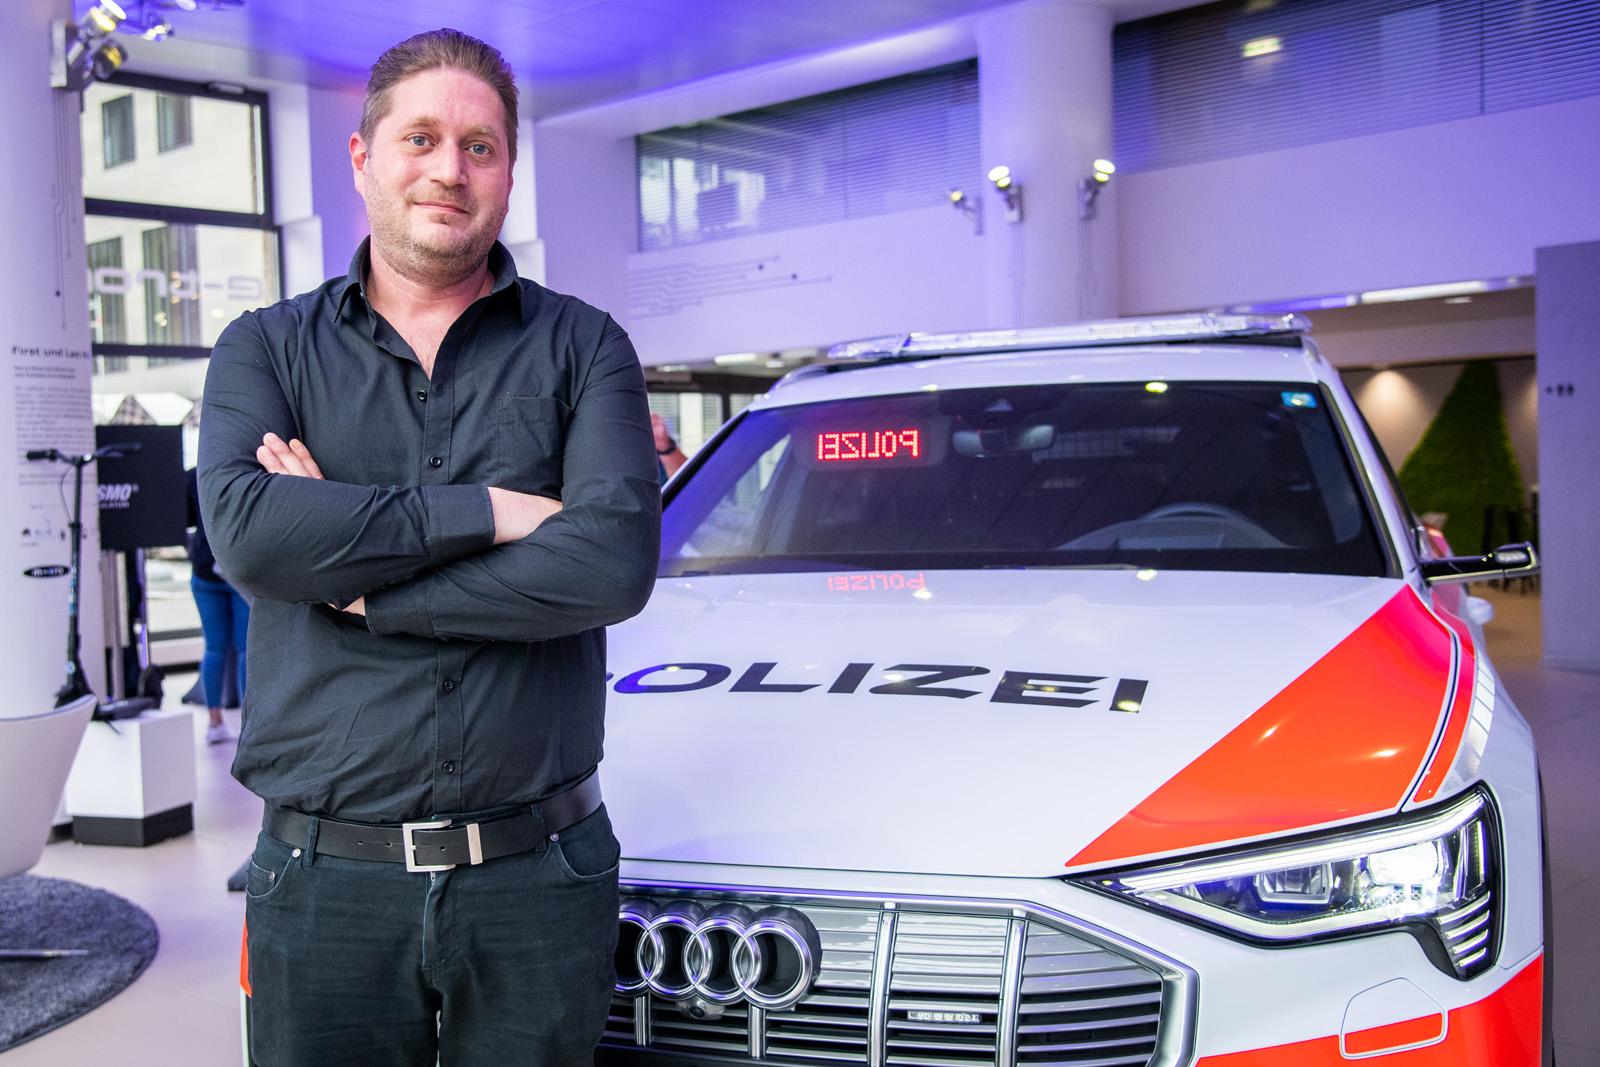 Stefan Riesen vor dem Polizei-e-tron. (Thomas Buchwalder)